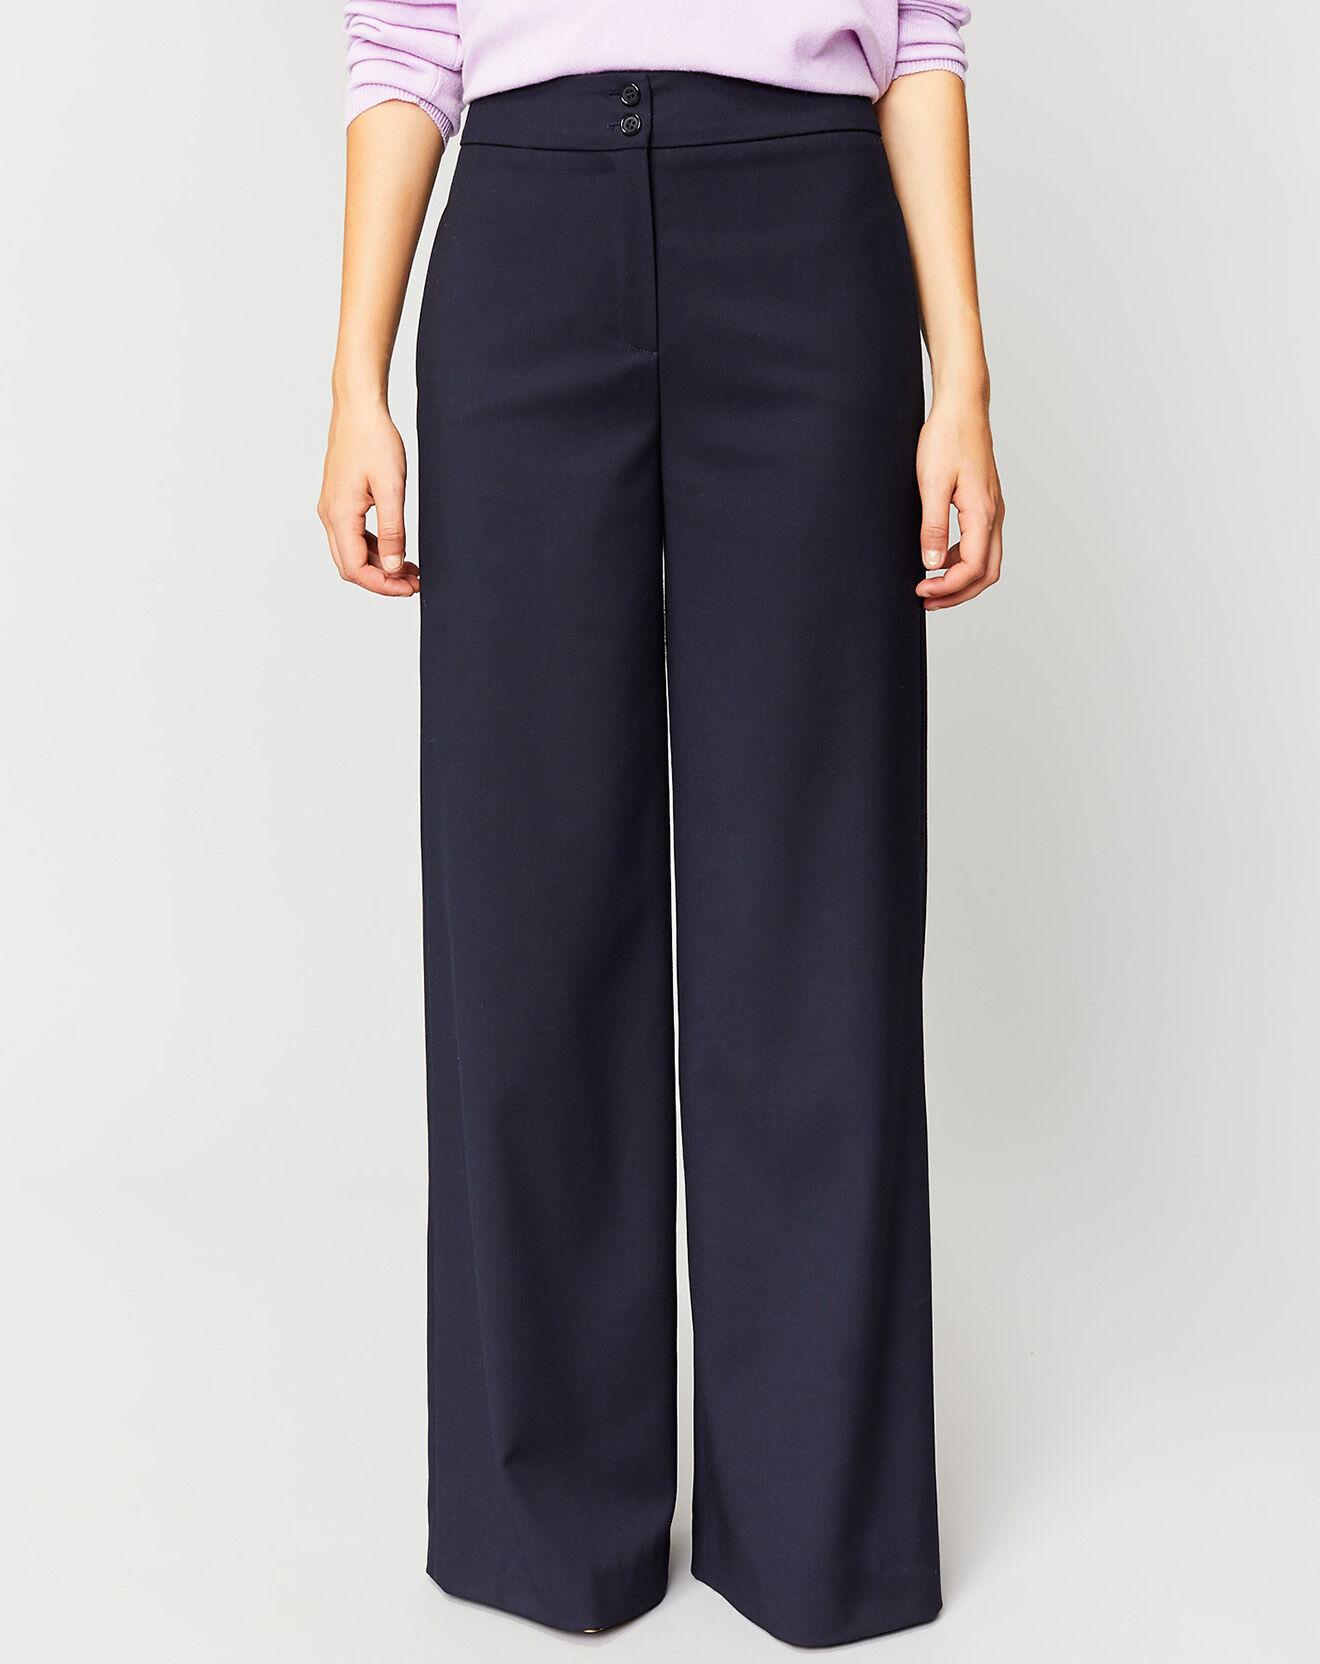 Pantalon Poudre noir